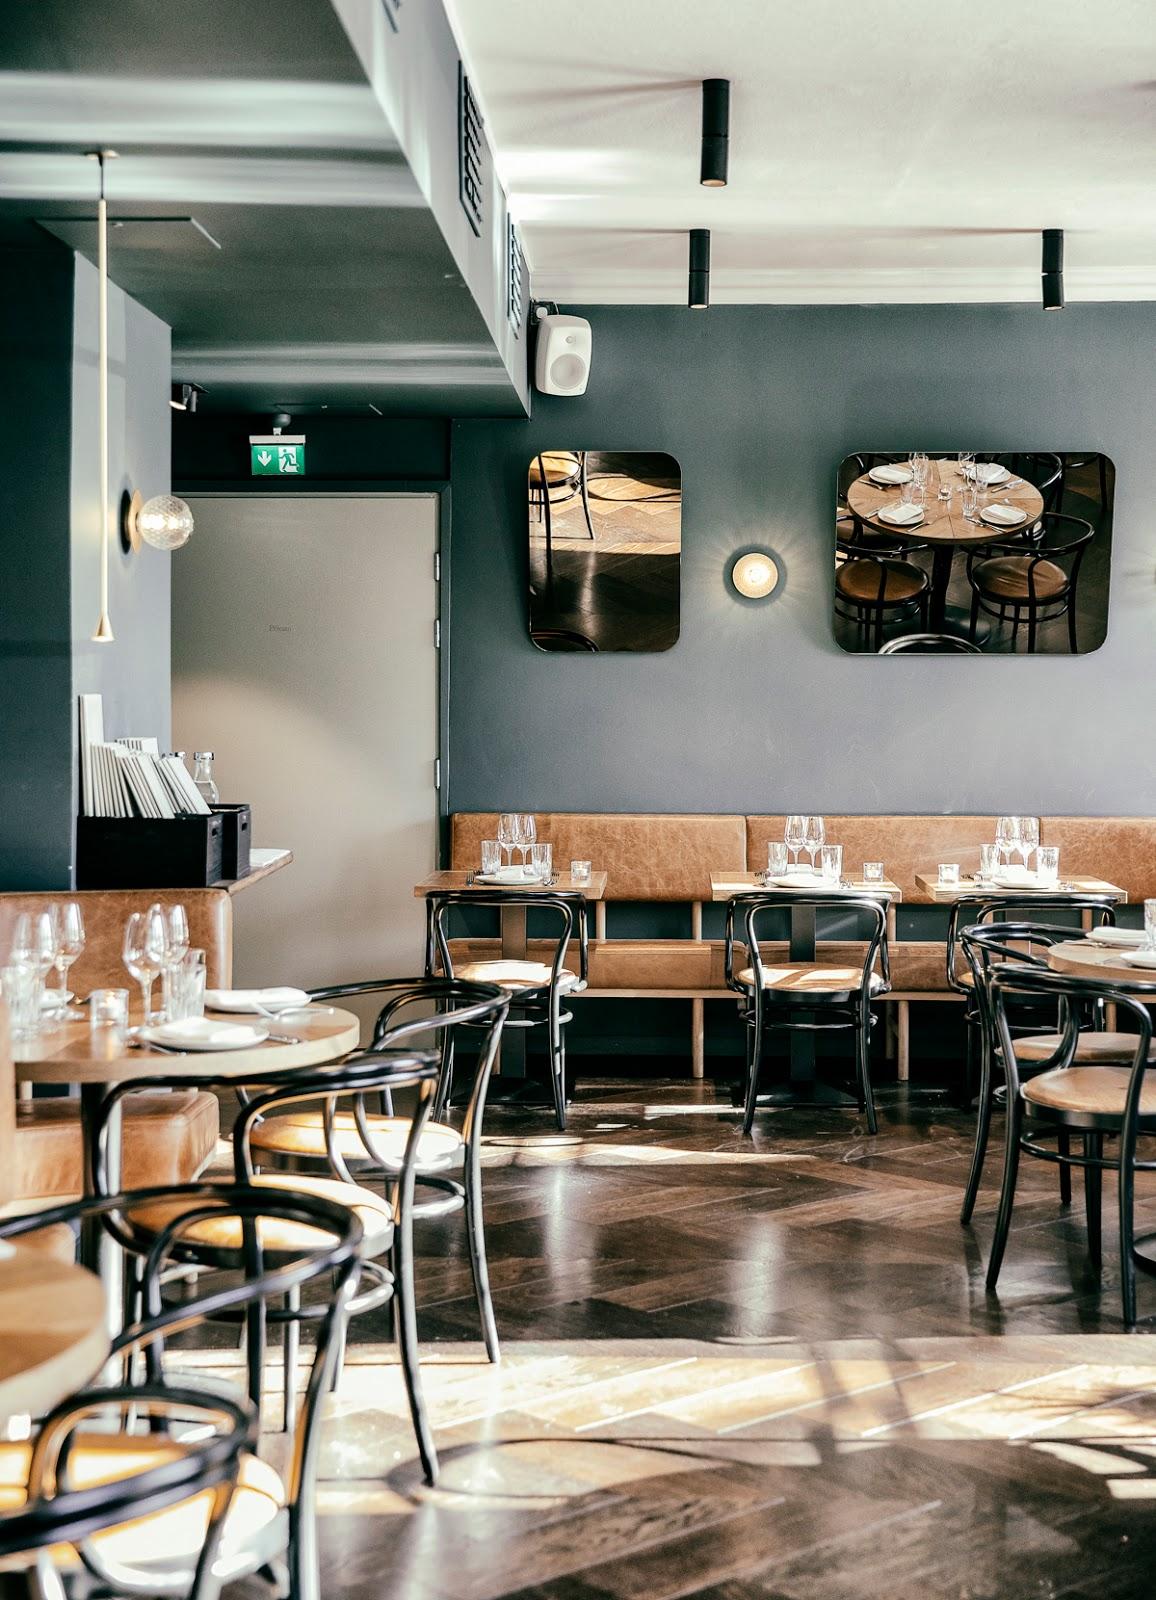 Ventuno, Helsinki, ravintola, ruoka, food, restaurant, visithelsinki, suomi, finland, valokuvaaja, Frida Steiner, Visualaddict, visualaddictfrida